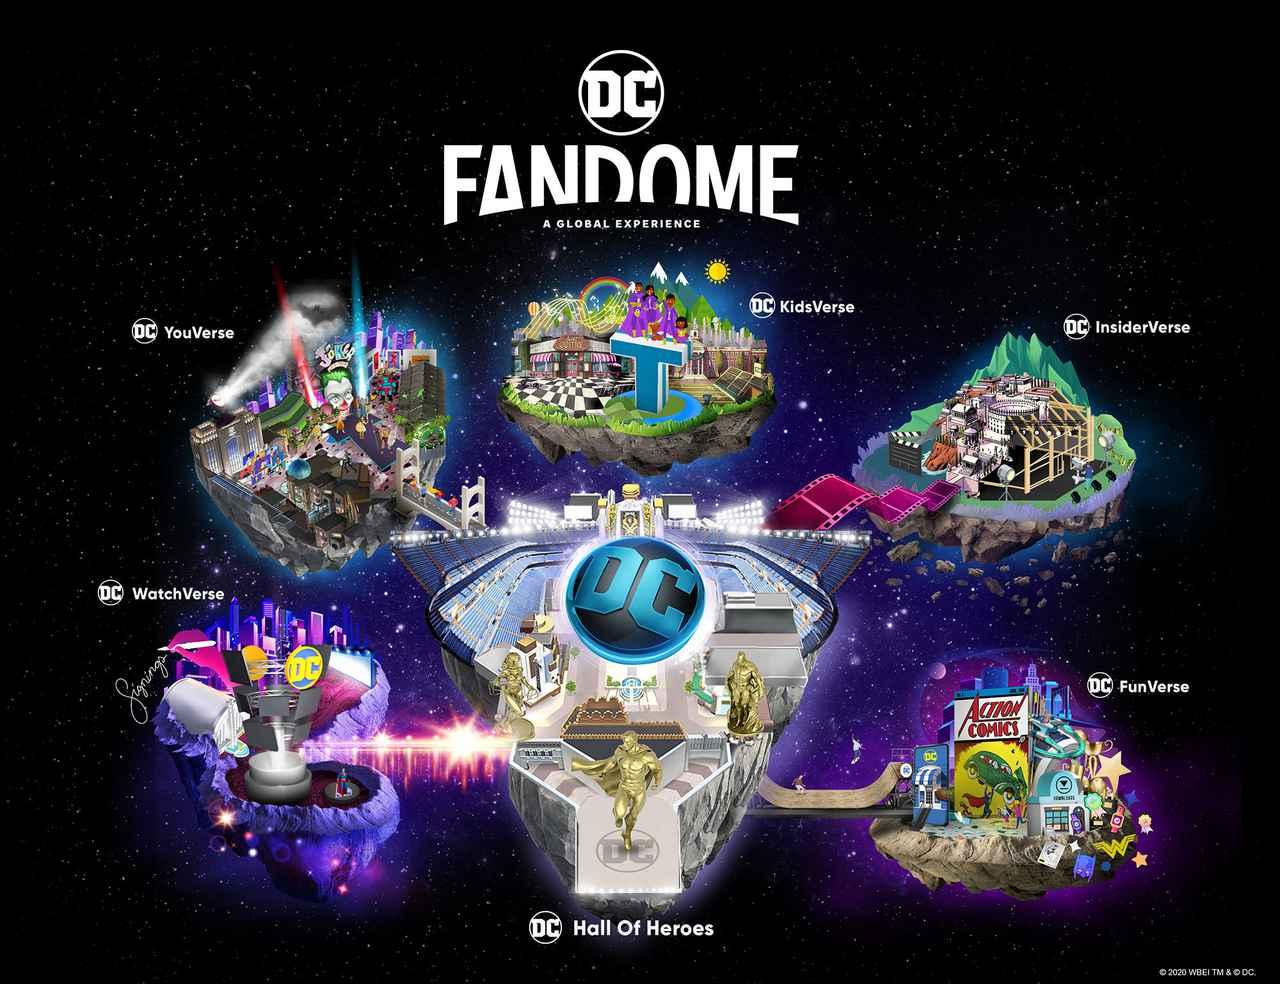 画像: DCファンドーム|DCコミックス|ワーナー・ブラザース